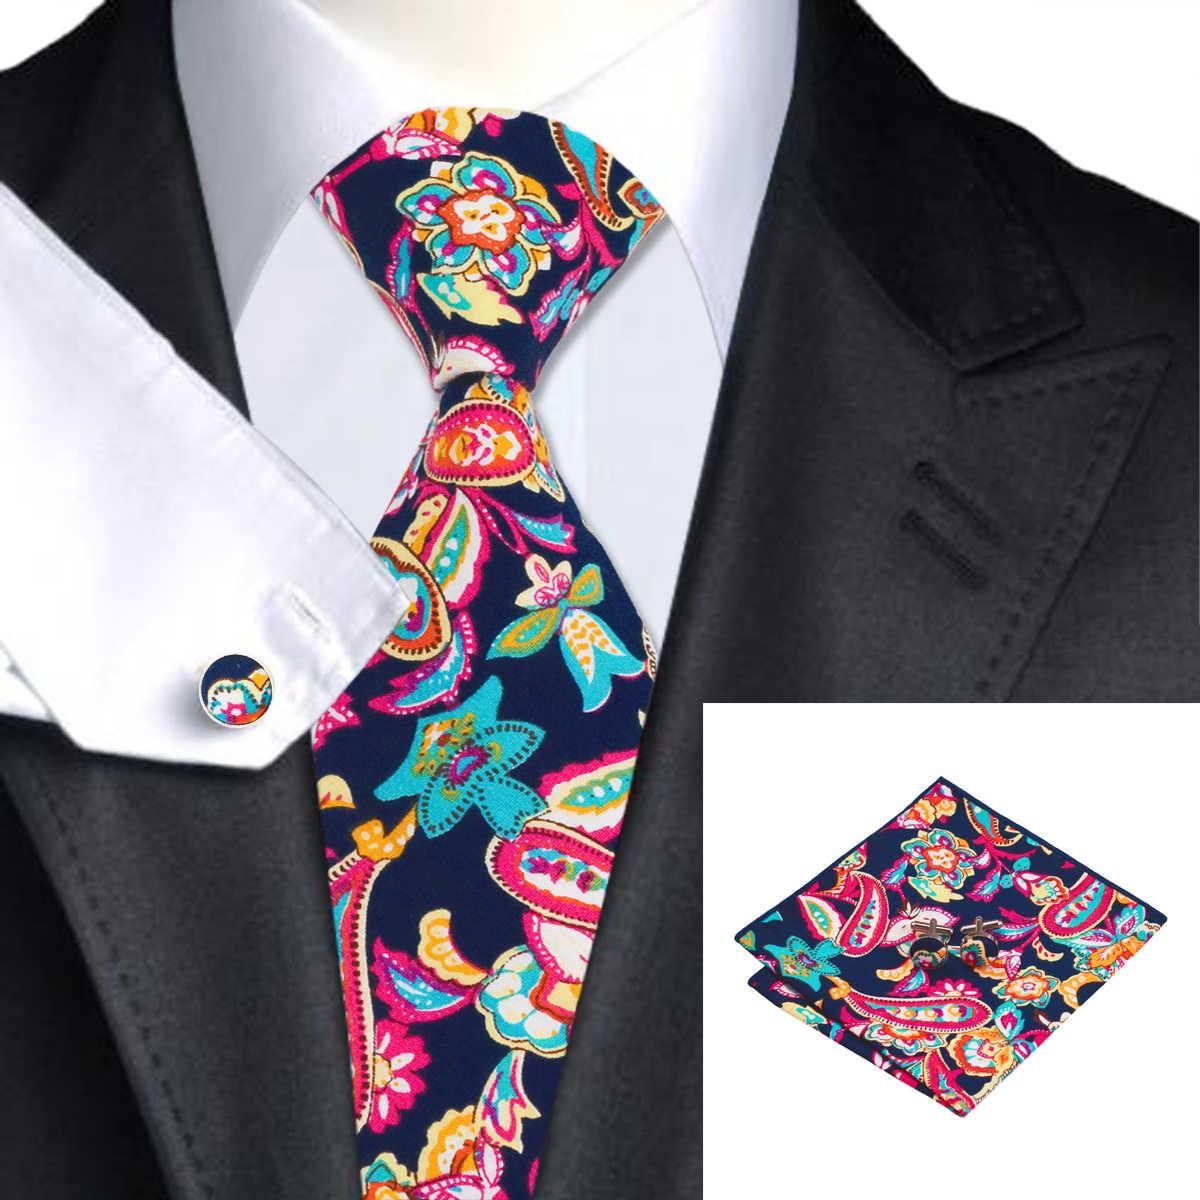 Hi-Tie büyük erkek kravat hanky kol düğmeleri seti kırmızı 100% ipek kravatlar erkekler için lüks çiçek moda tasarımcısı iş düğün kravat